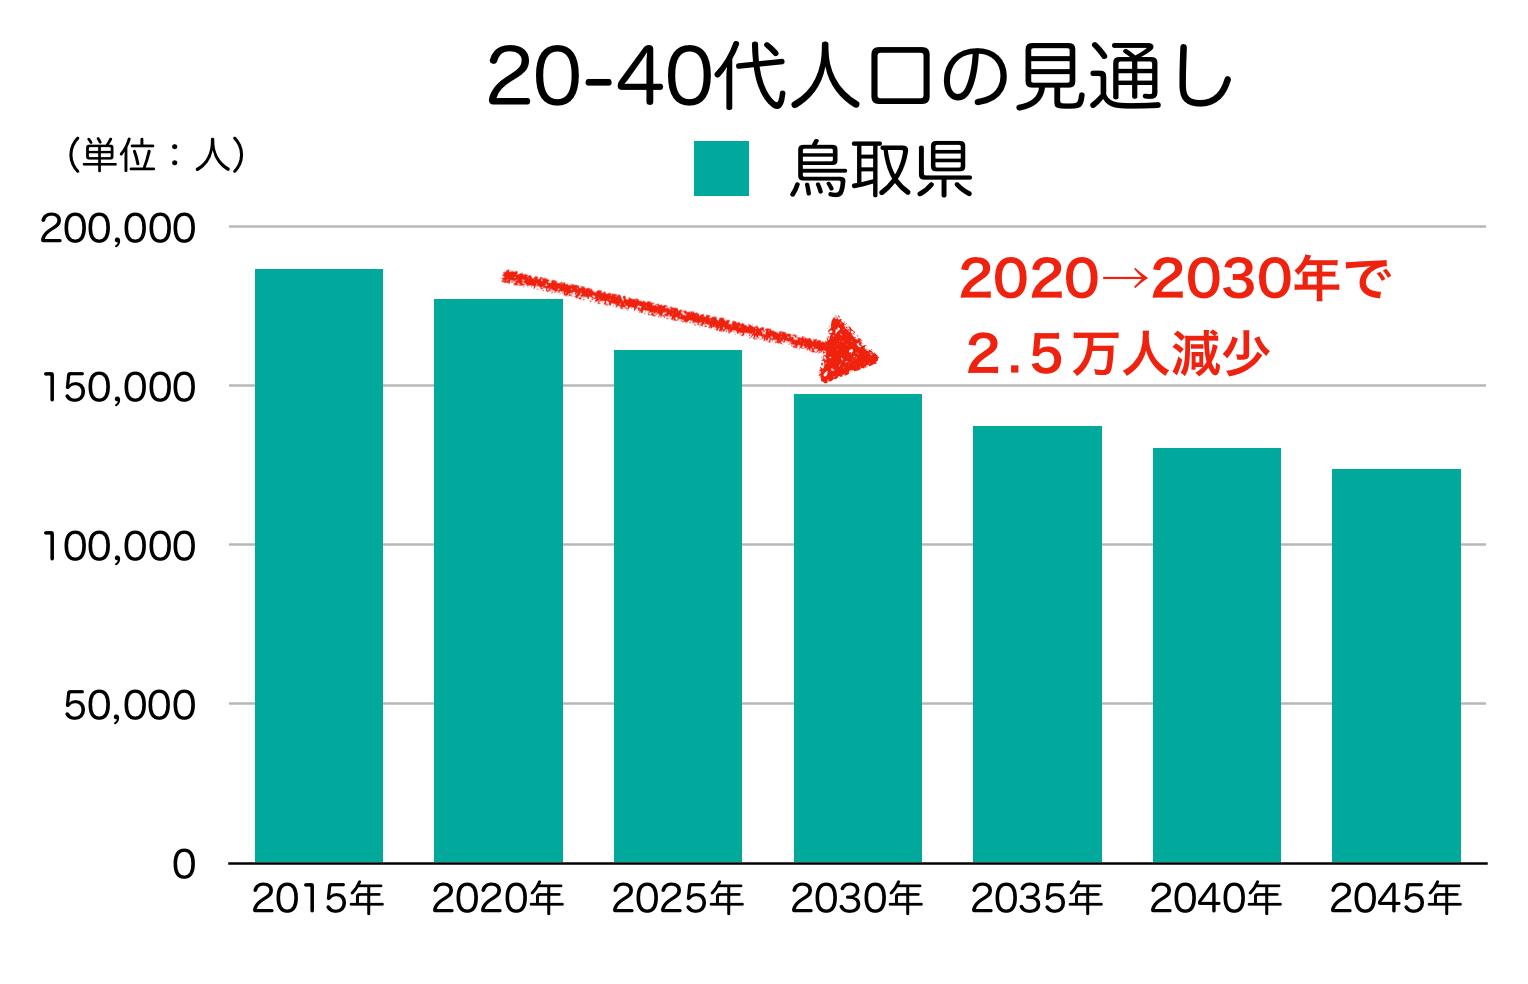 鳥取県の20-40代人口の見通し